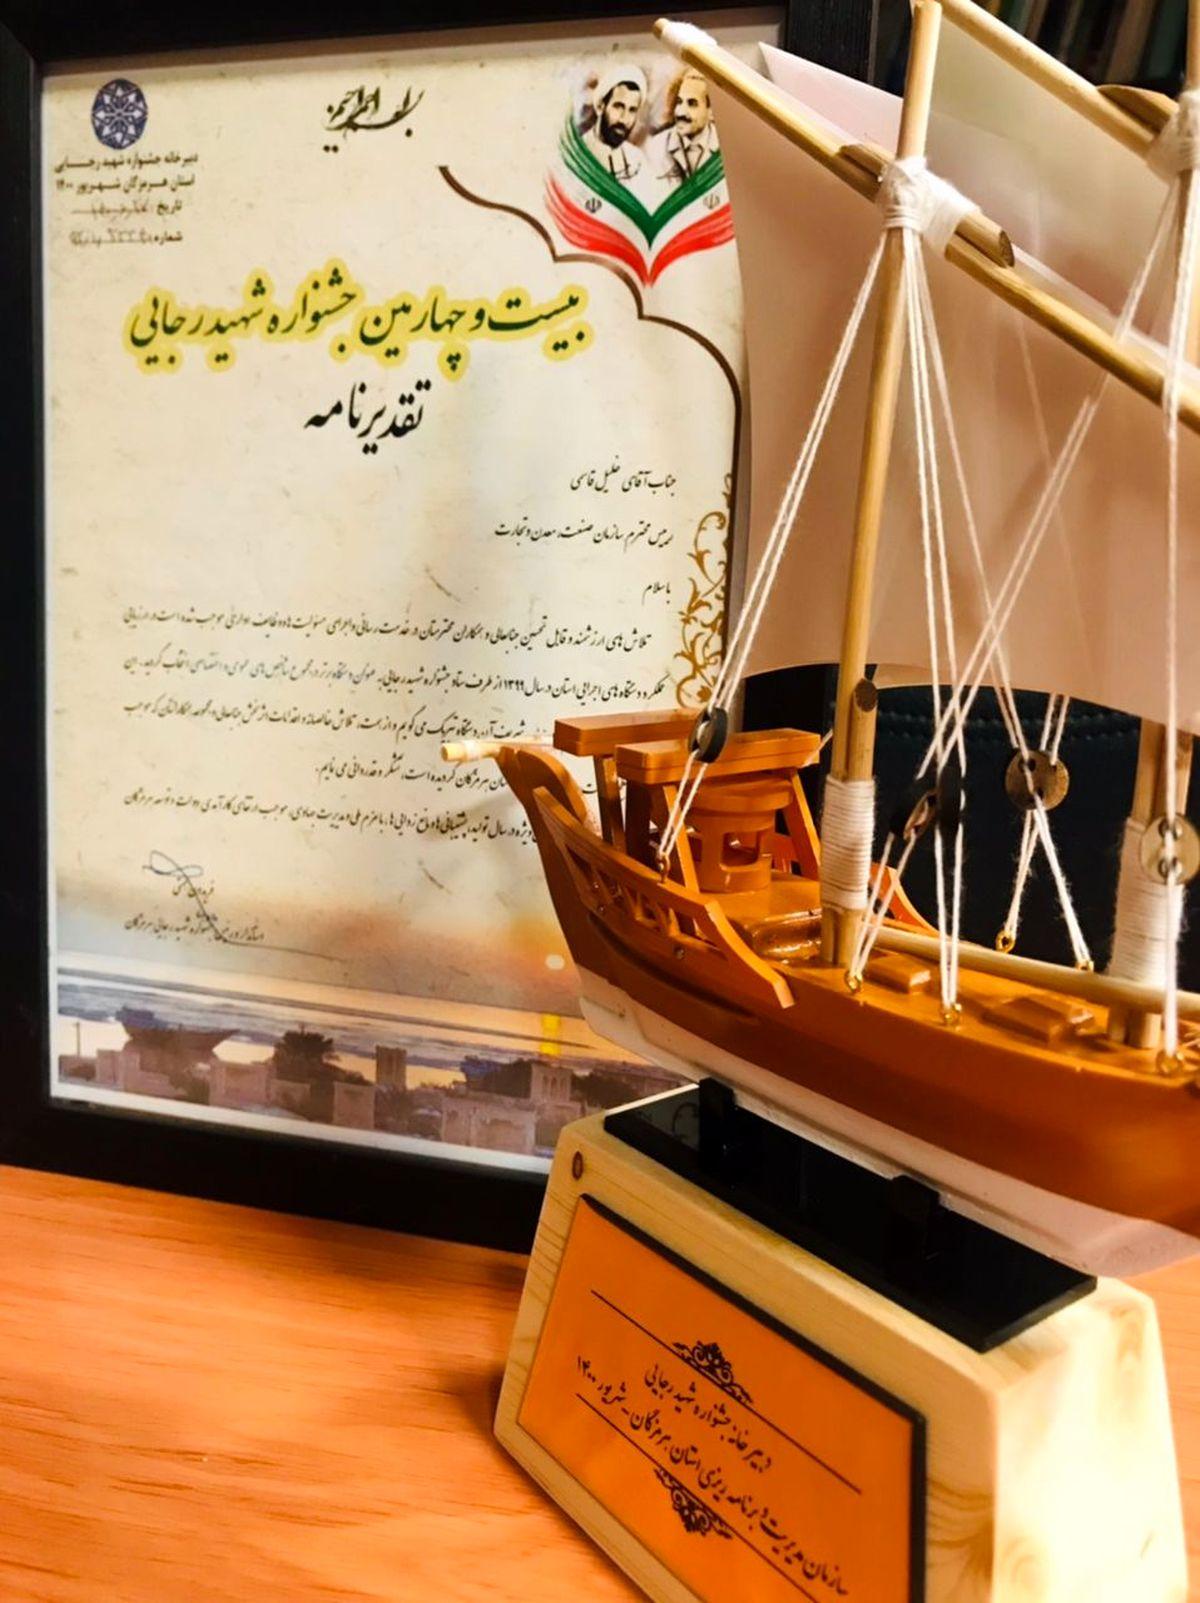 کسب رتبه نخست سازمان صنعت، معدن و تجارت هرمزگان در جشنواره شهید رجایی